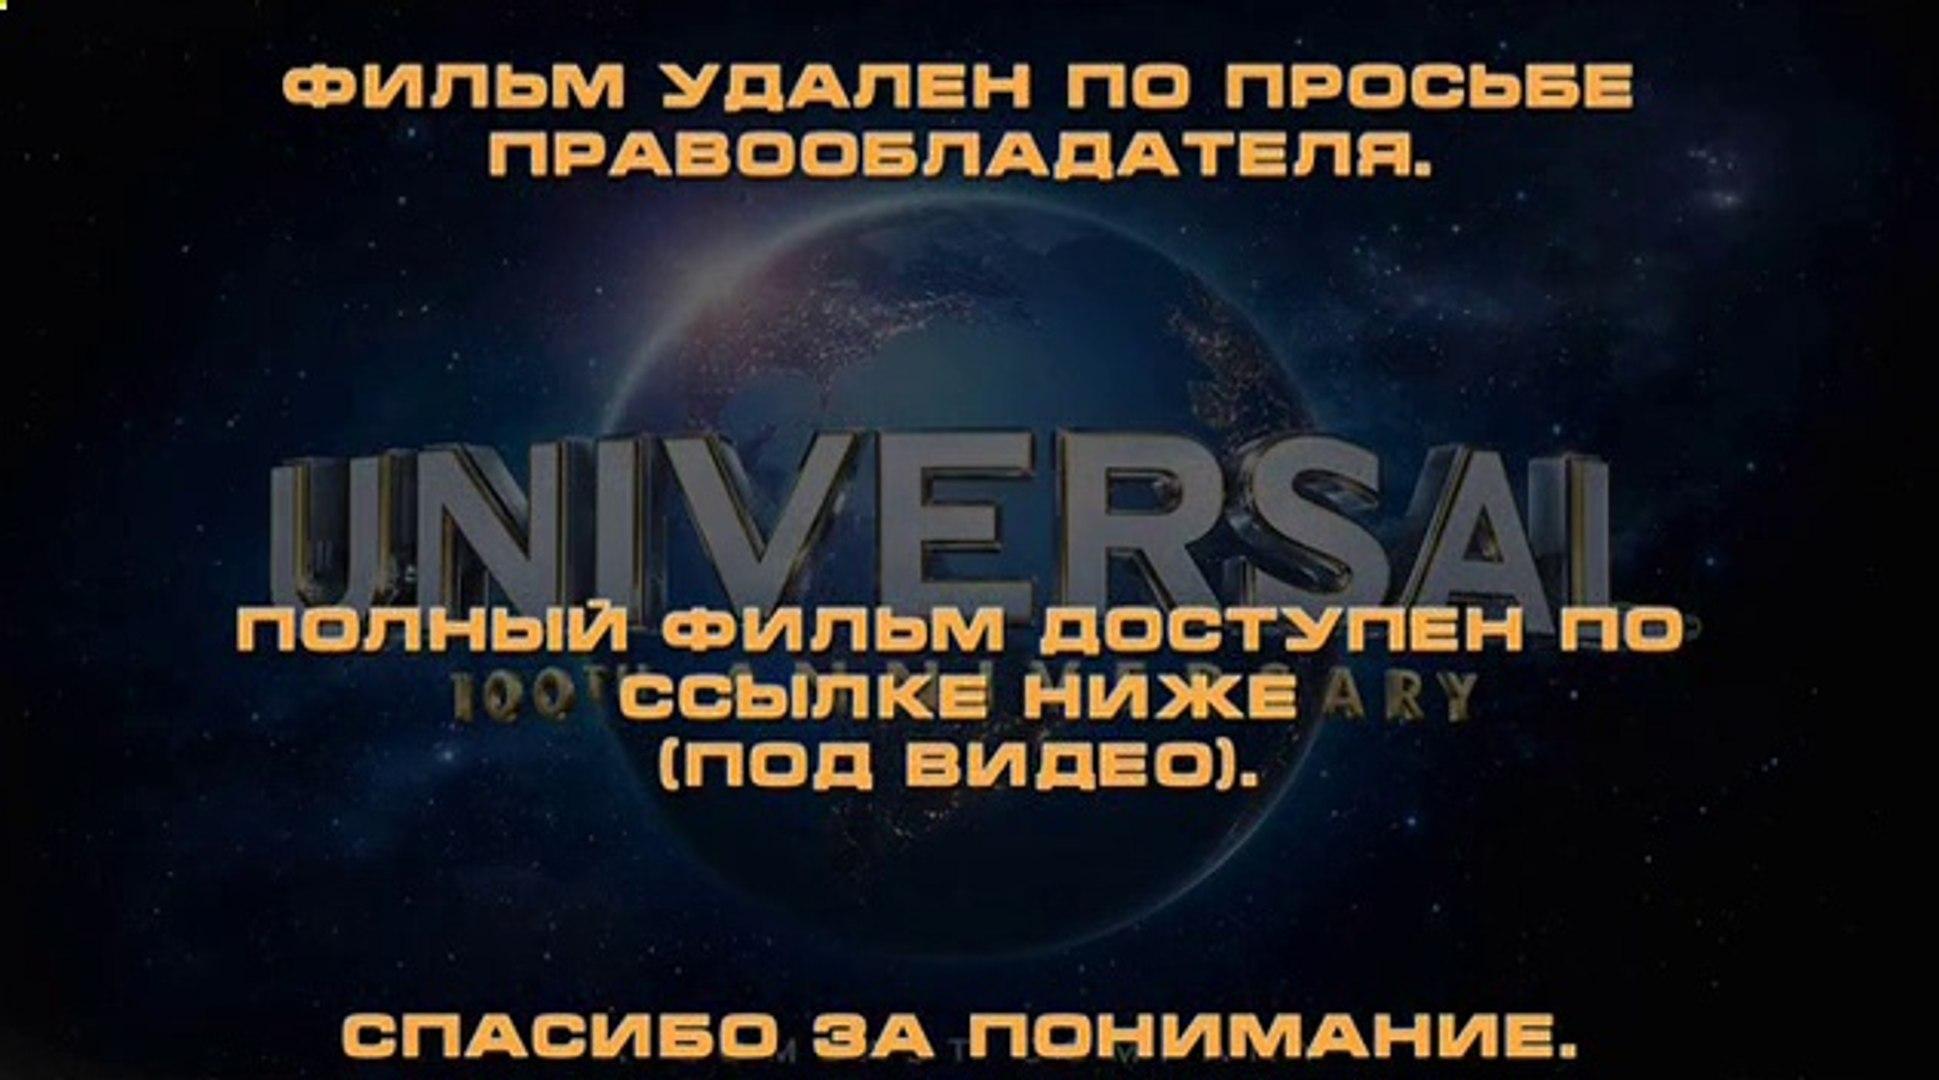 Полный фильм Лего. Фильм 2014 смотреть онлайн в HD качестве на русском by vlS